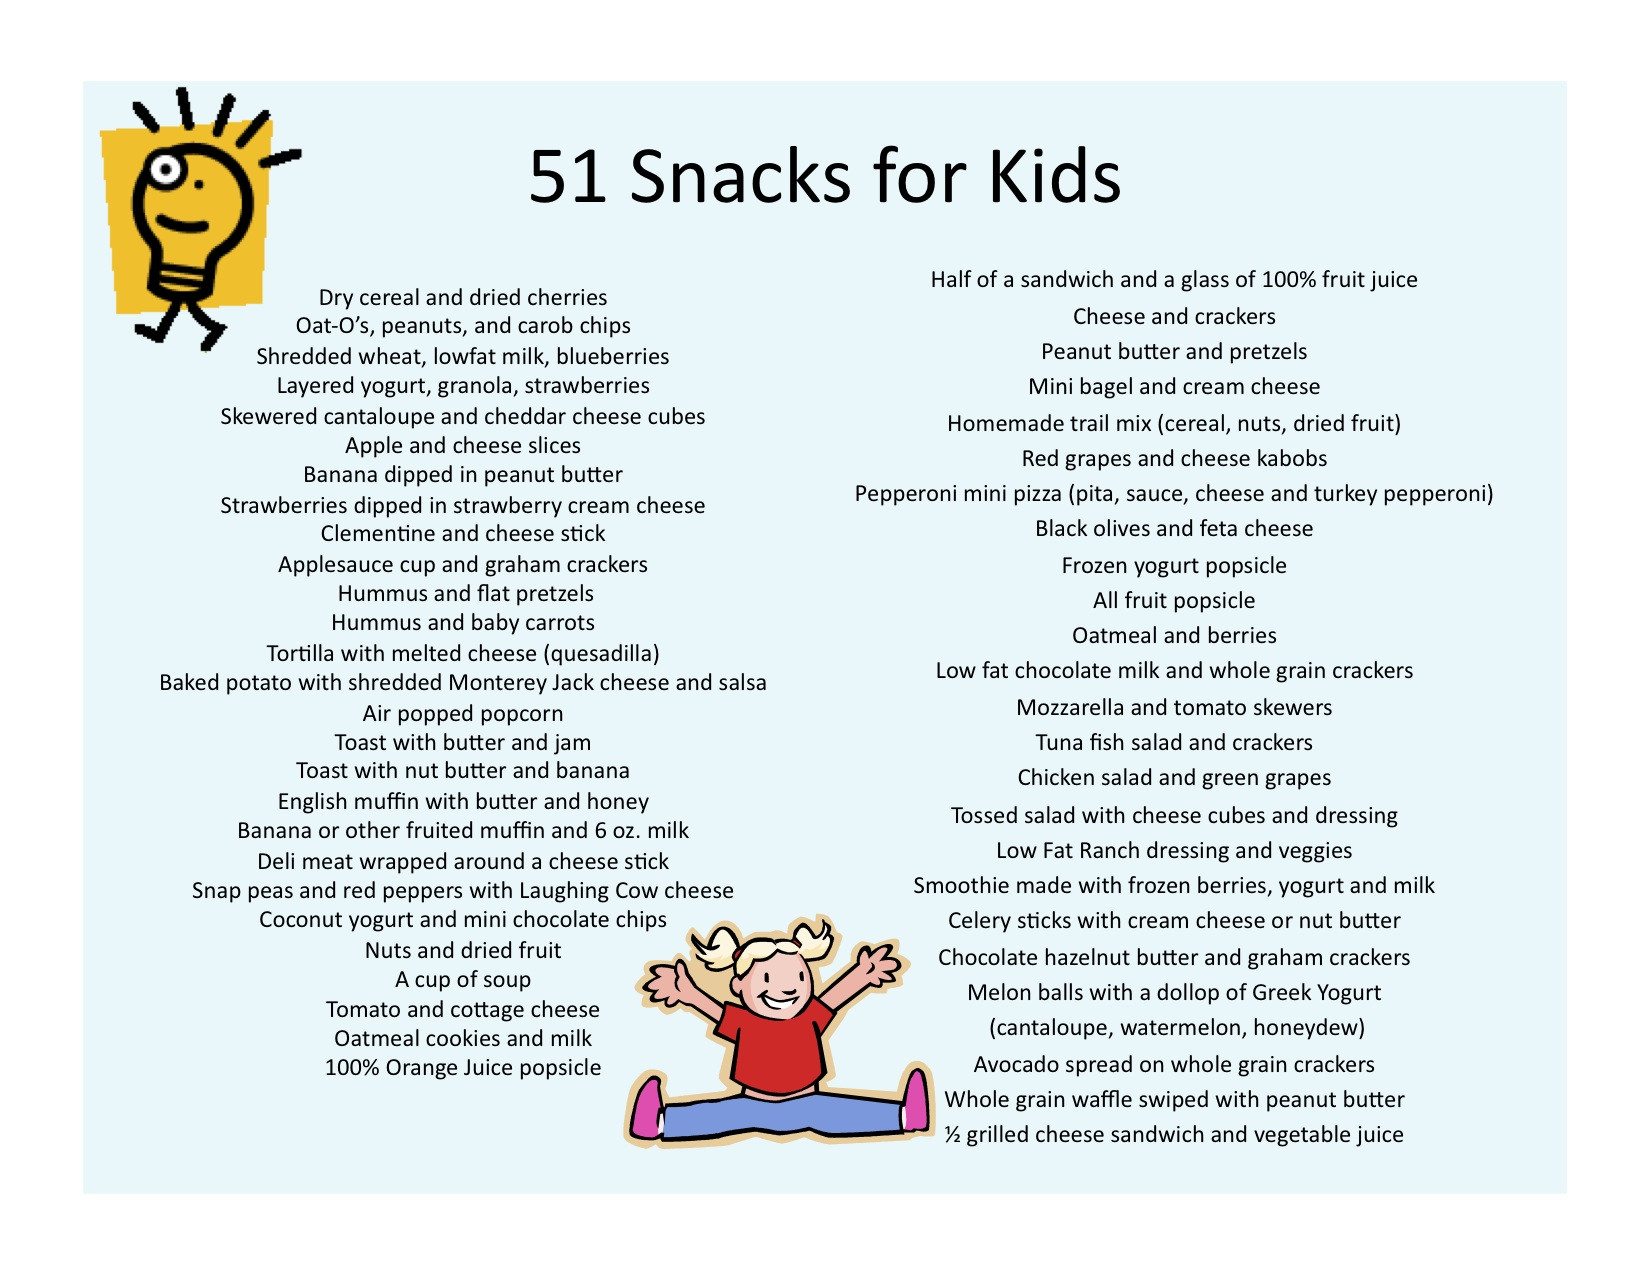 List Of Healthy Snacks  51 Snack Ideas for Kids Jill Castle